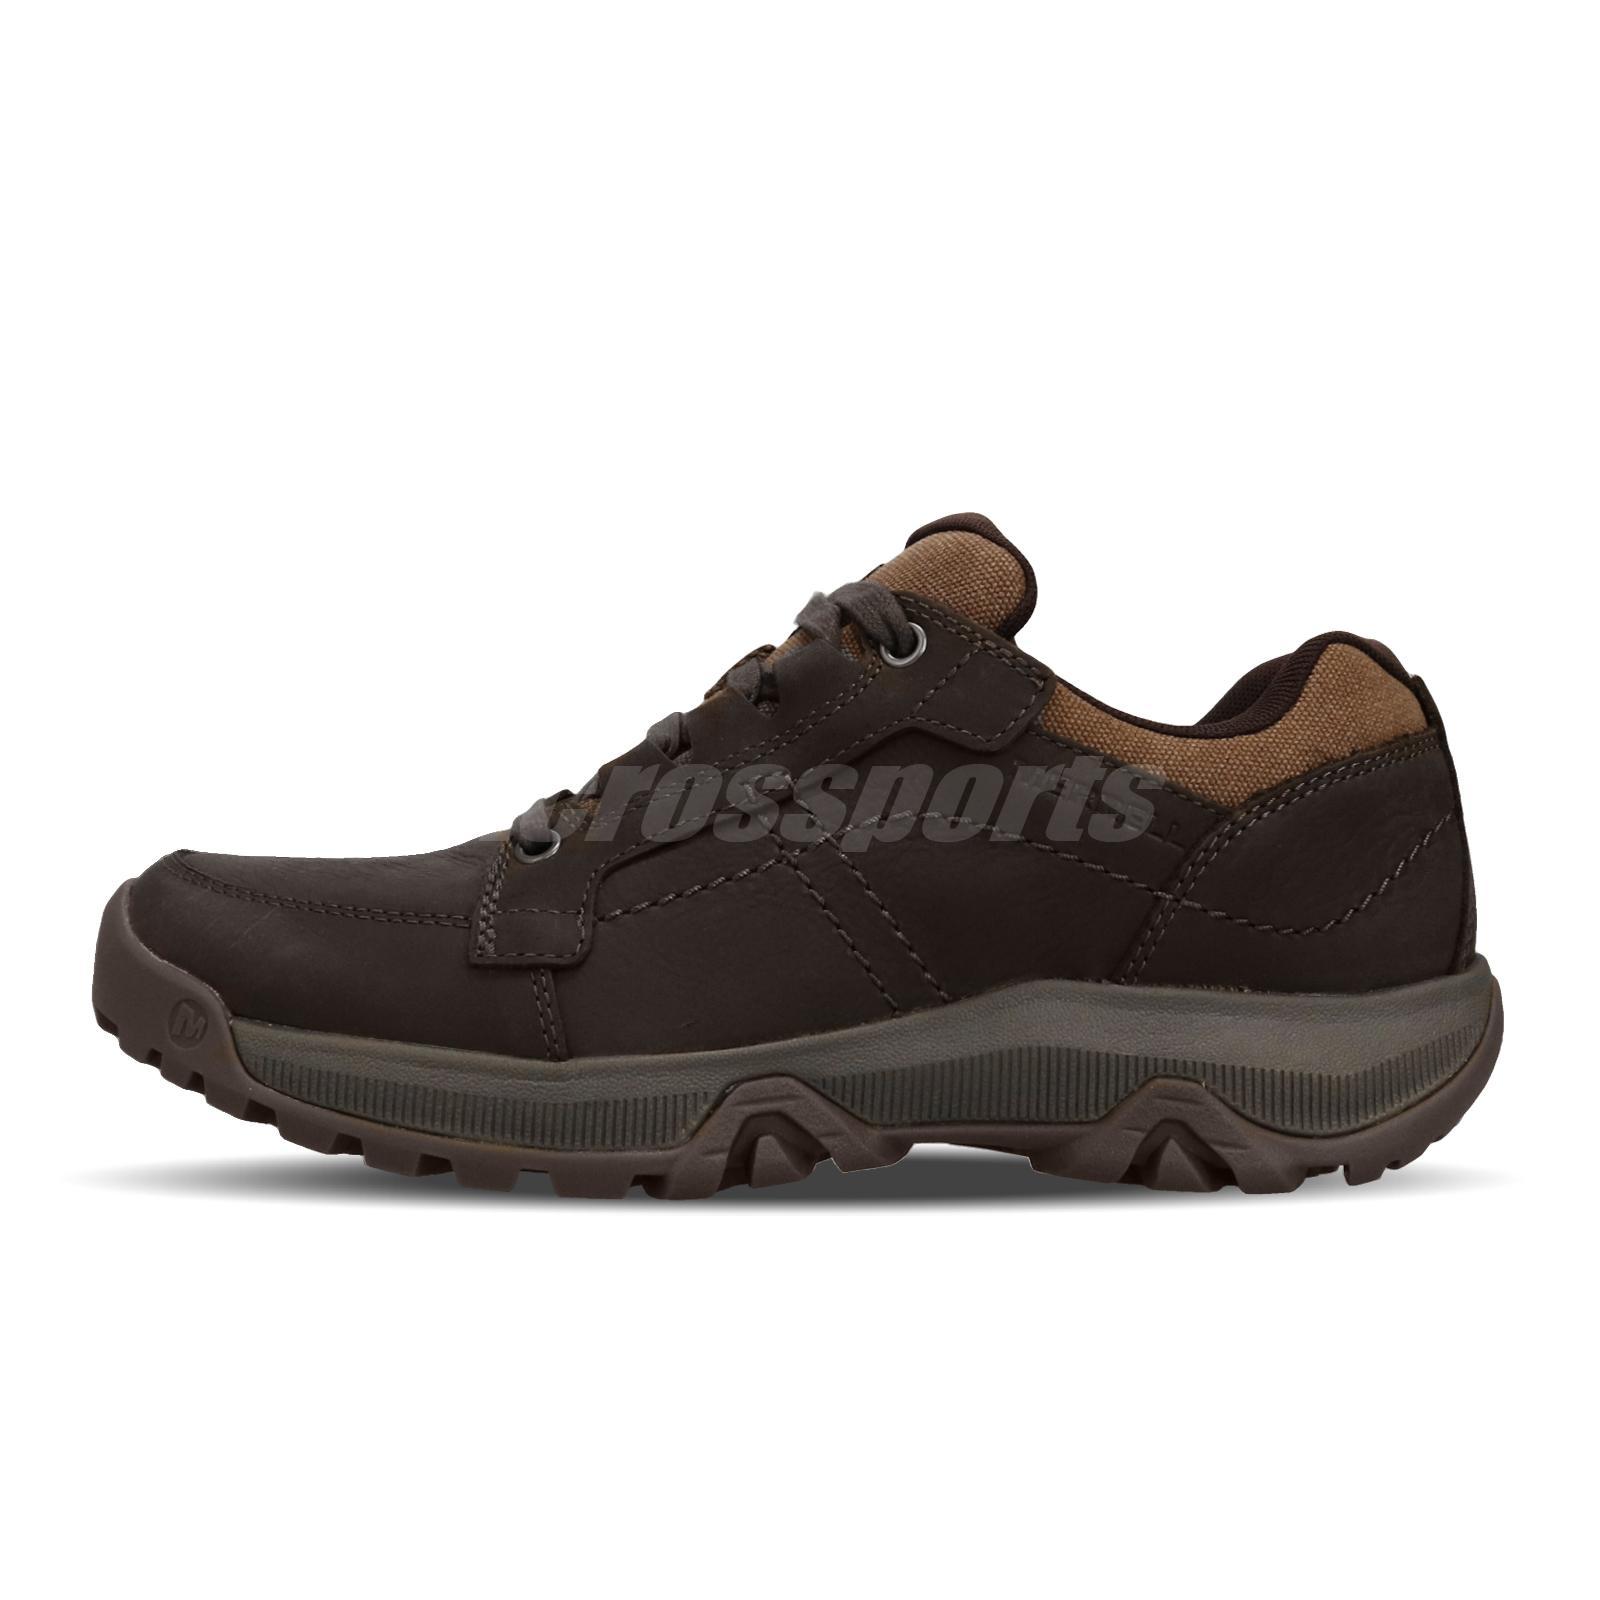 venta zapatos merrell ecuador gre